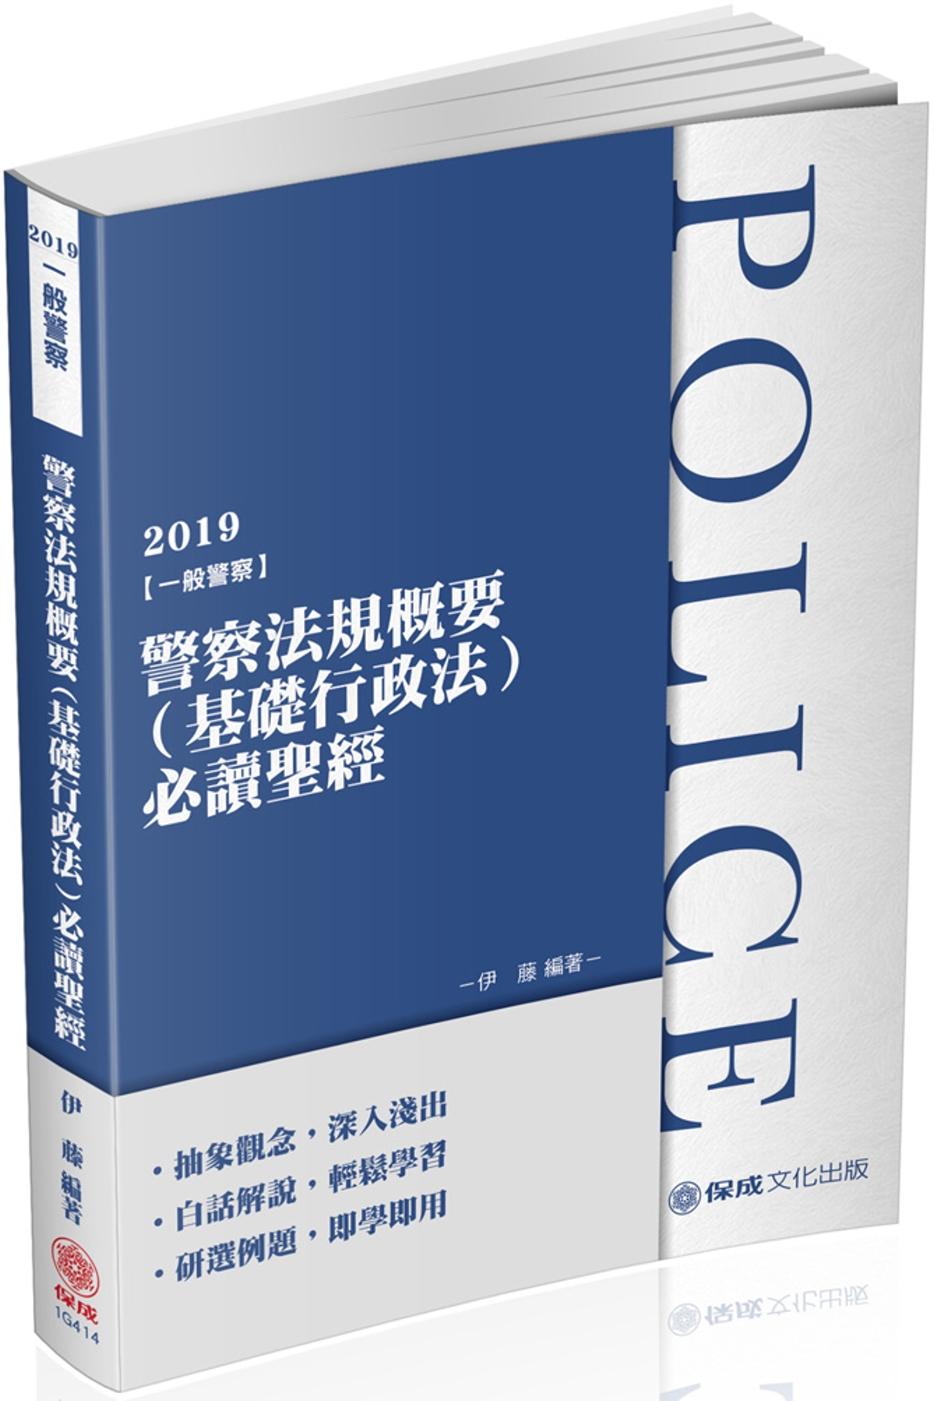 警察法規概要(基礎行政法)必讀聖經 2019一般警察(保成)